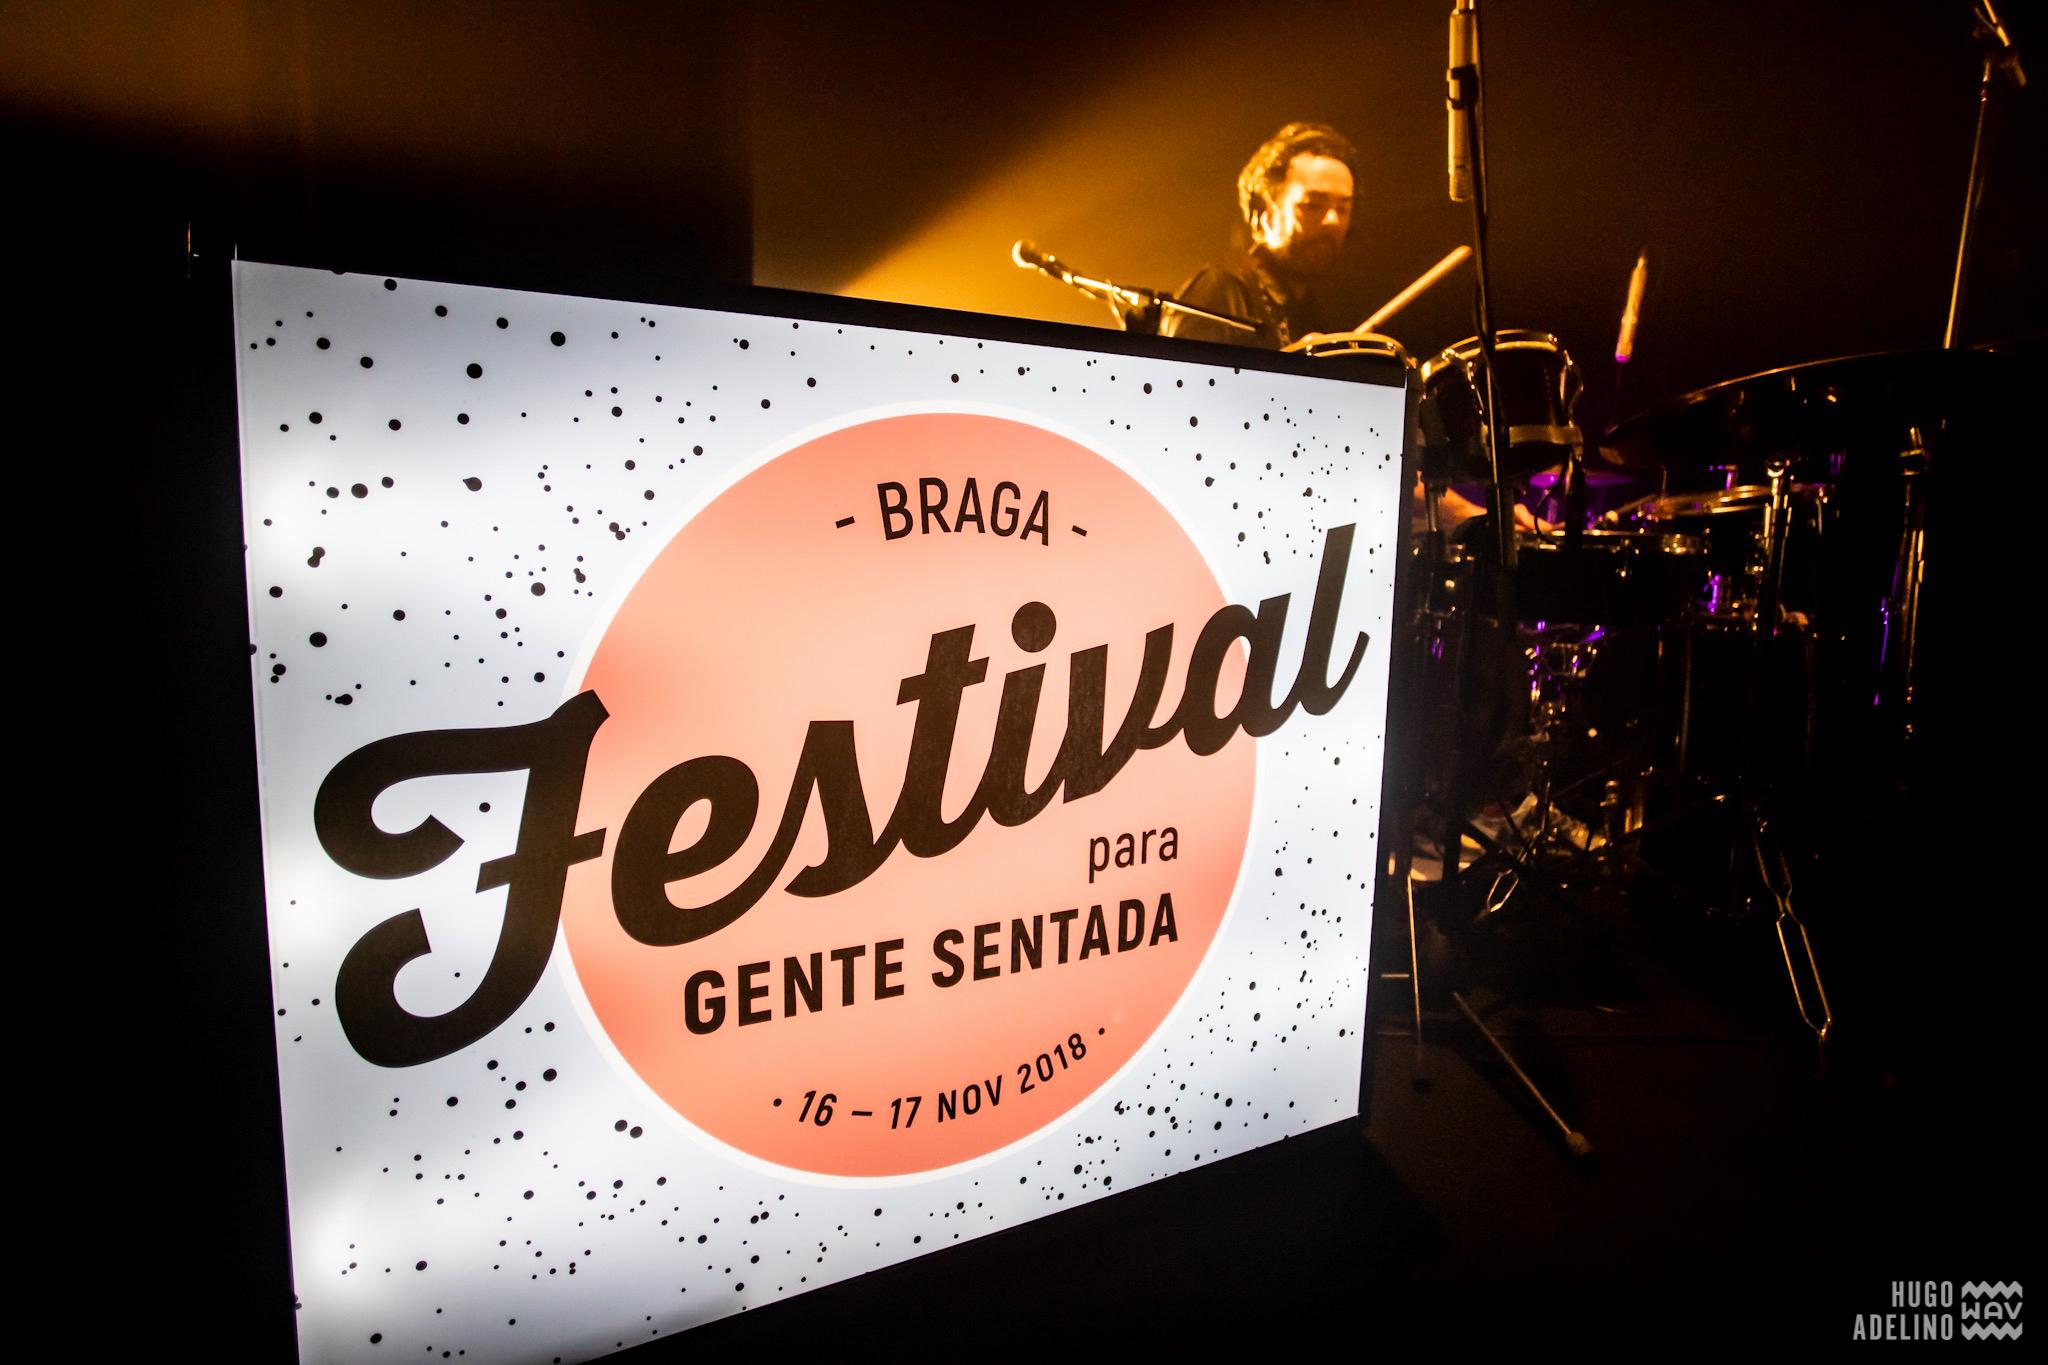 Festival Para Gente Sentada 2018 [16/17Nov] Texto + Fotos